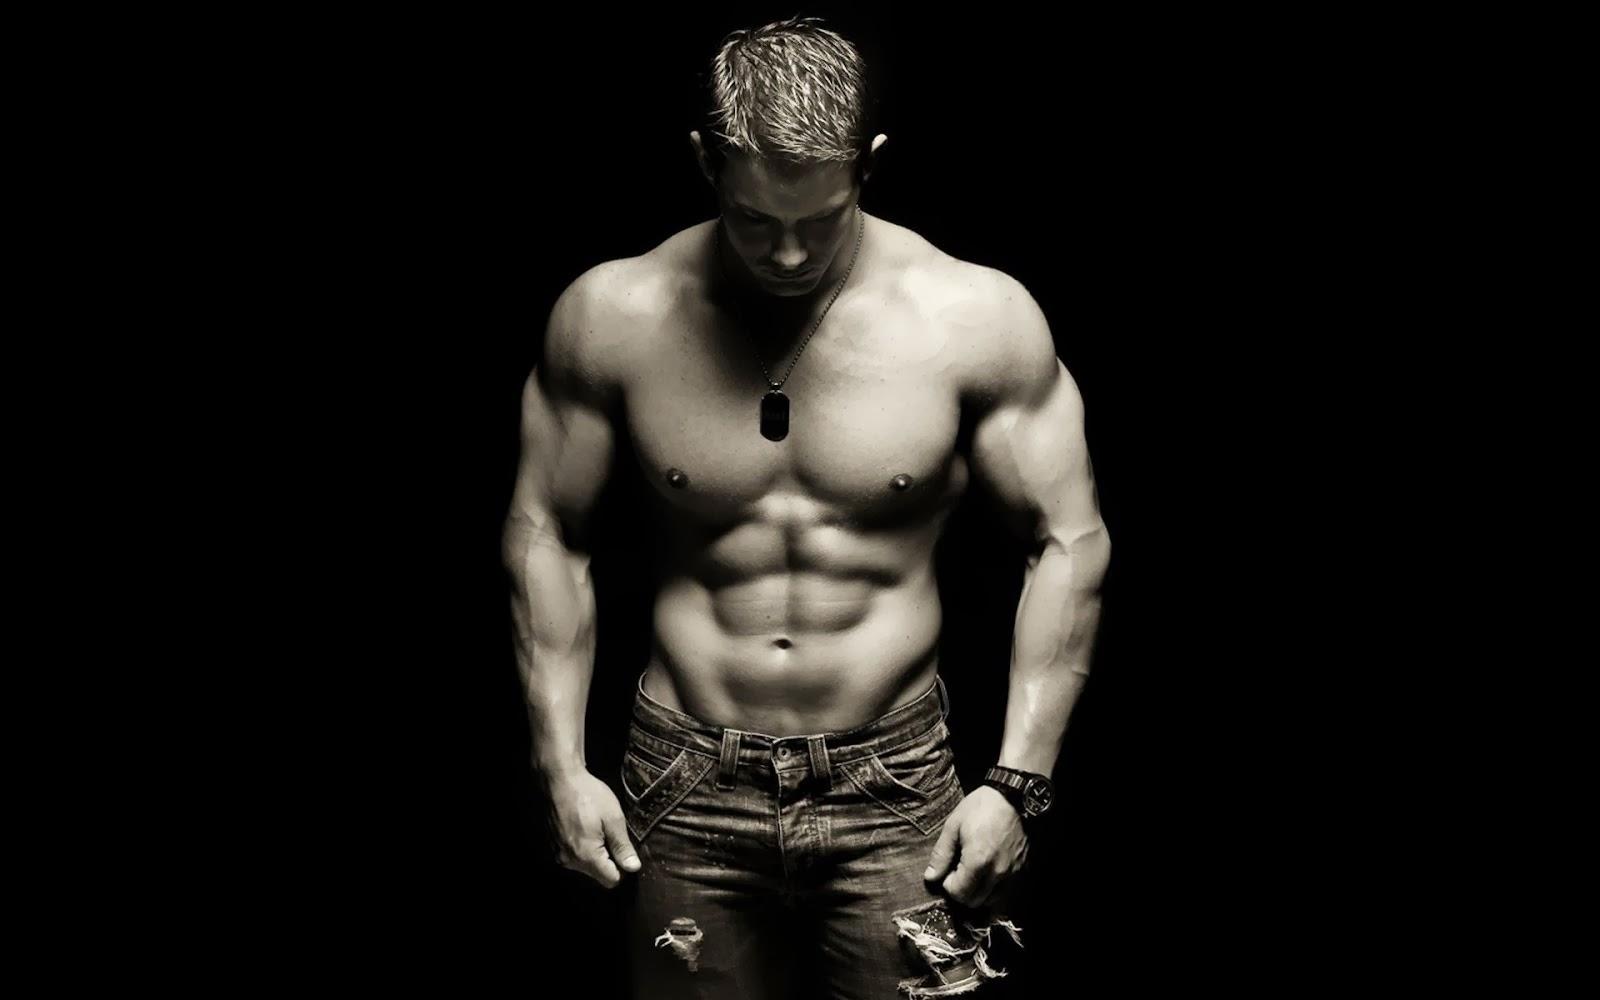 बॉडी की मसल्स कैसे बनायें Body ki Muscles Kaise Banaye